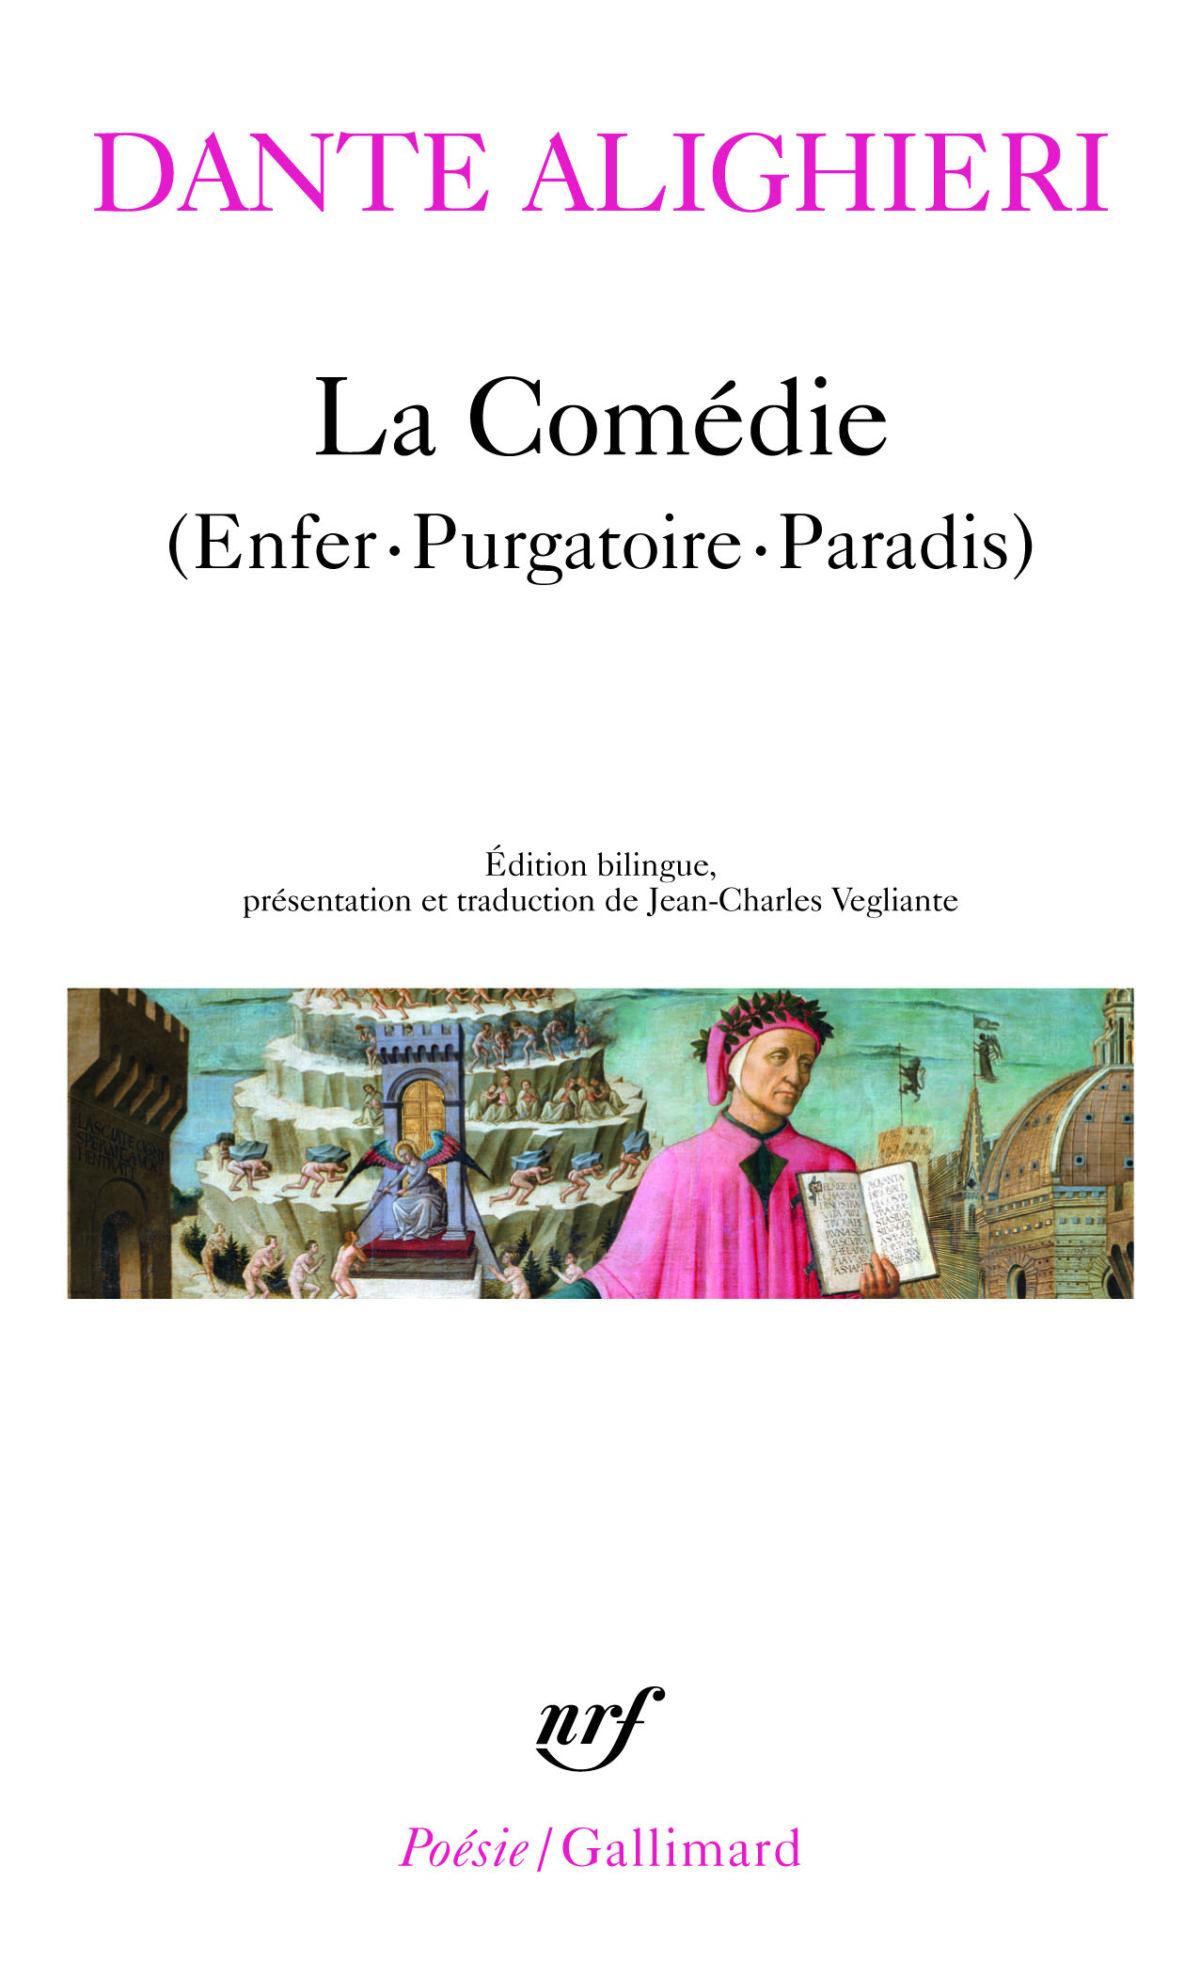 """""""La Comédie (Enfer. Purgatoire. Paradis)"""", Dante Alighieri, Edition bilingue, présentation et traduction de Jean-Charles Vegliante, NRF Poésie/Gallimard, 1248 pages."""